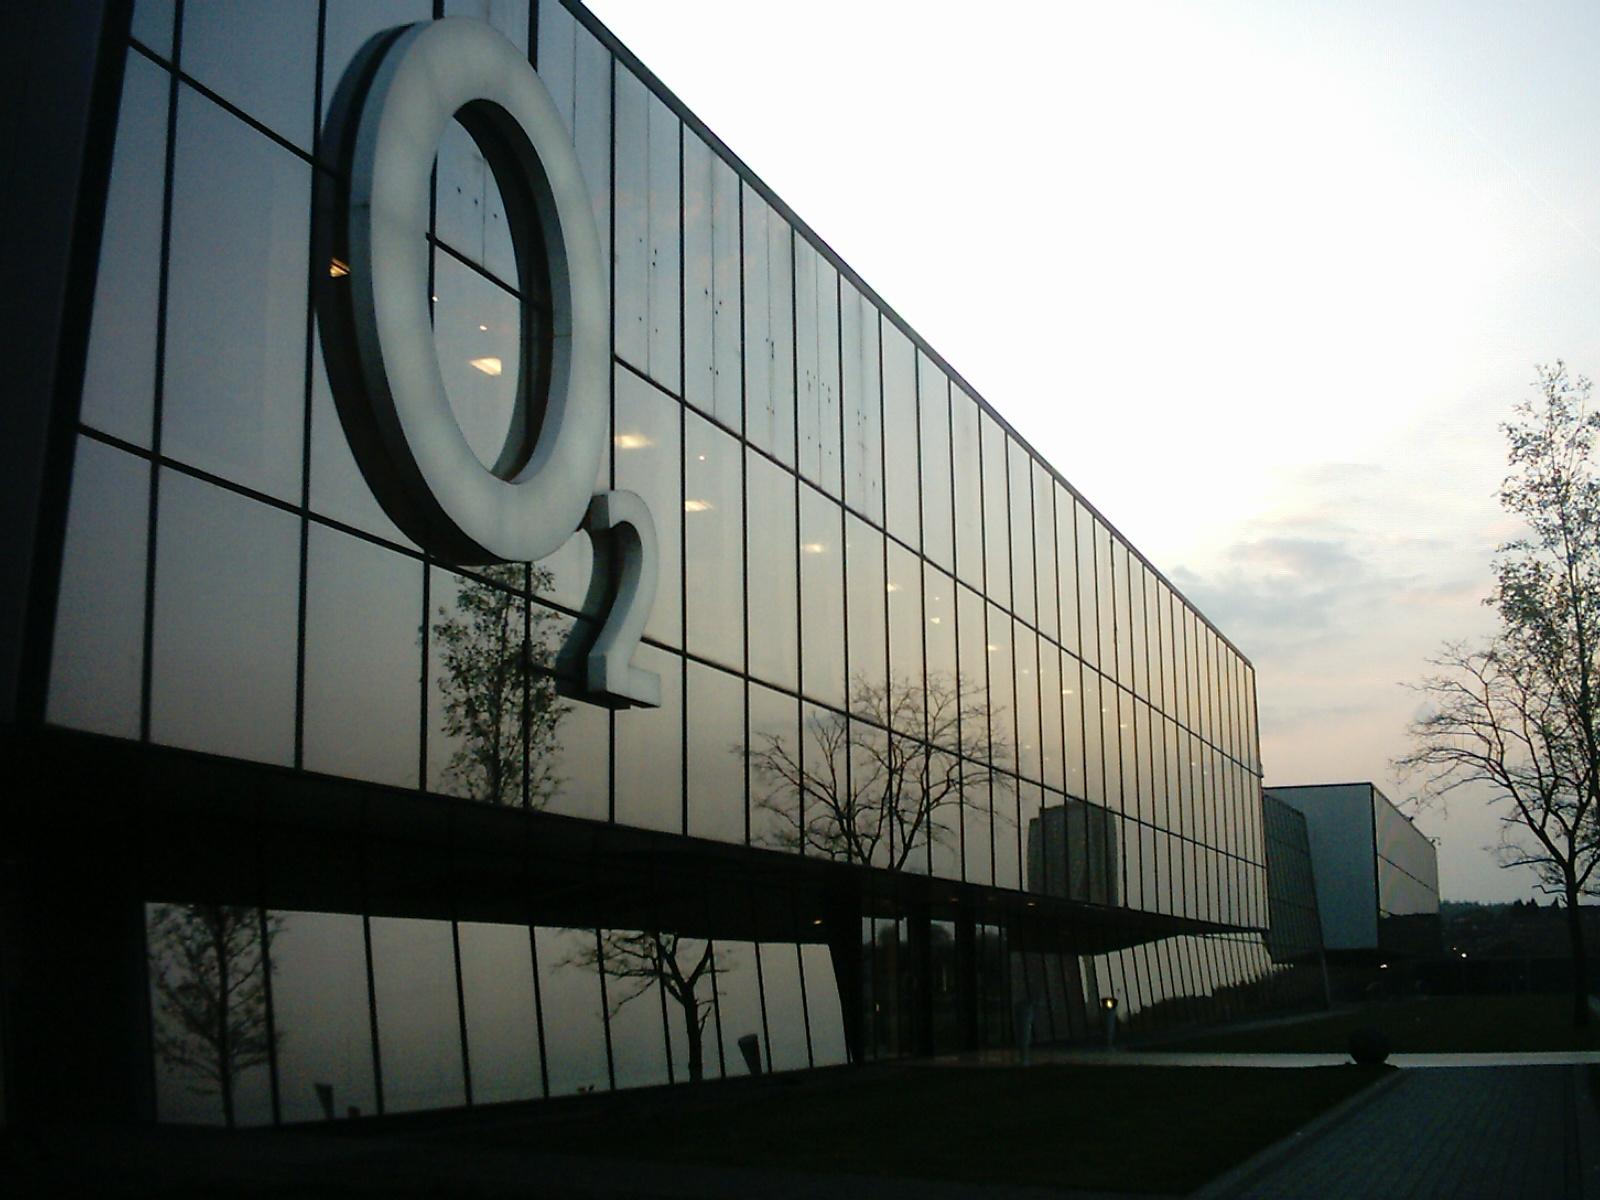 O2 in Leeds